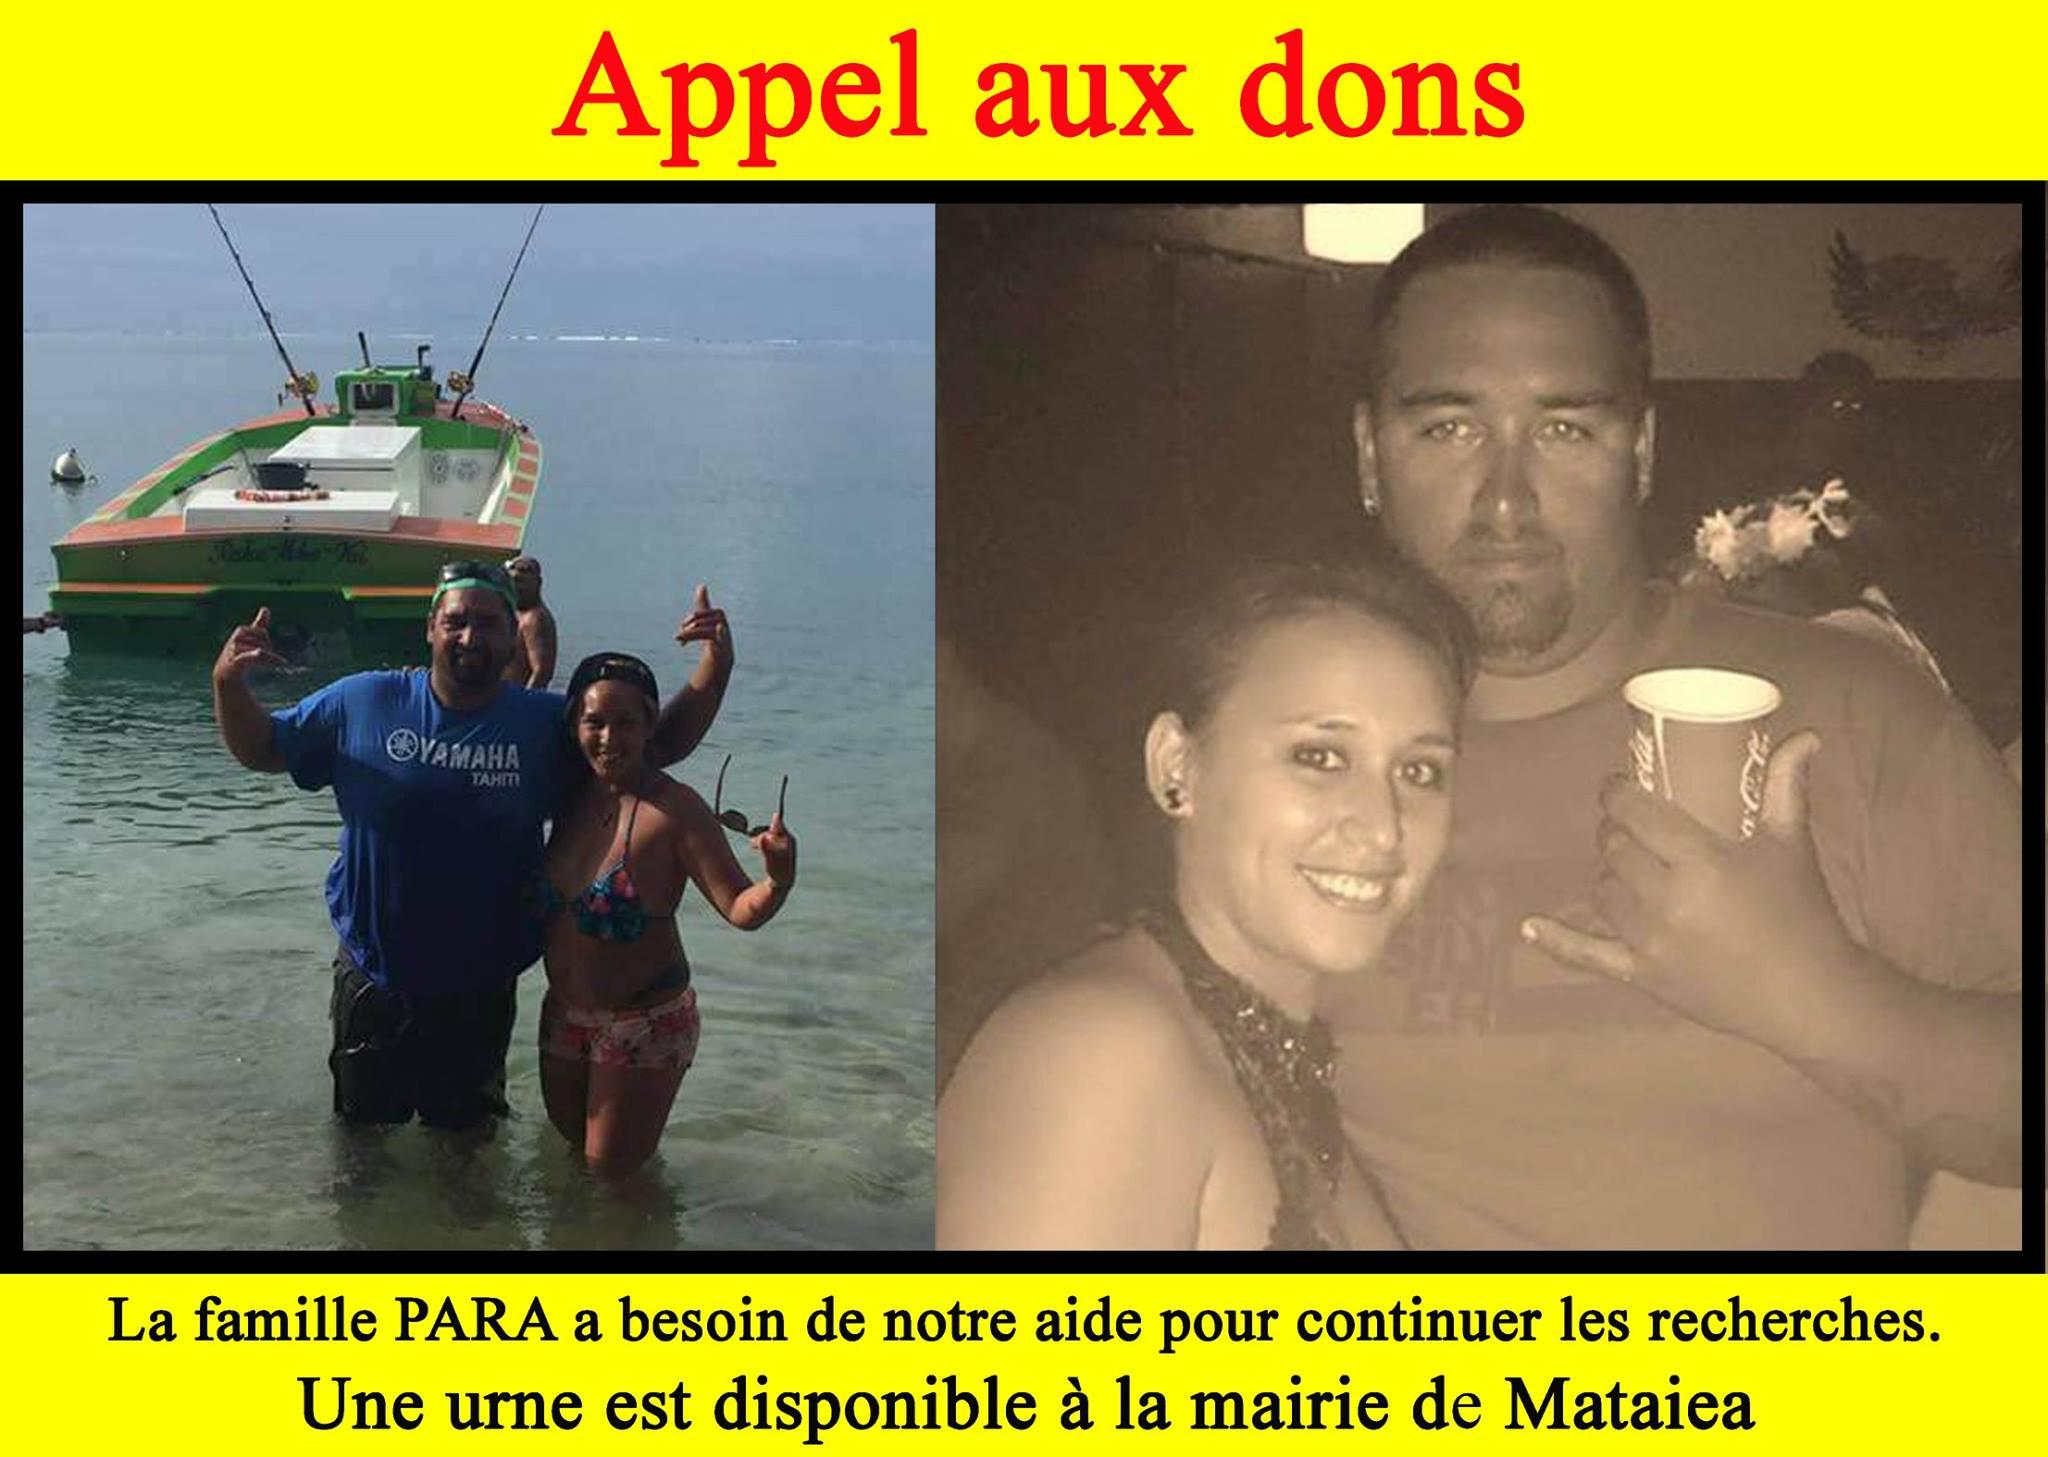 Laurent et Meherio Para sont portés disparus en mer depuis mardi dernier. Ce lundi, la famille a décidé de financer la poursuite des recherches et fait un appel aux dons.